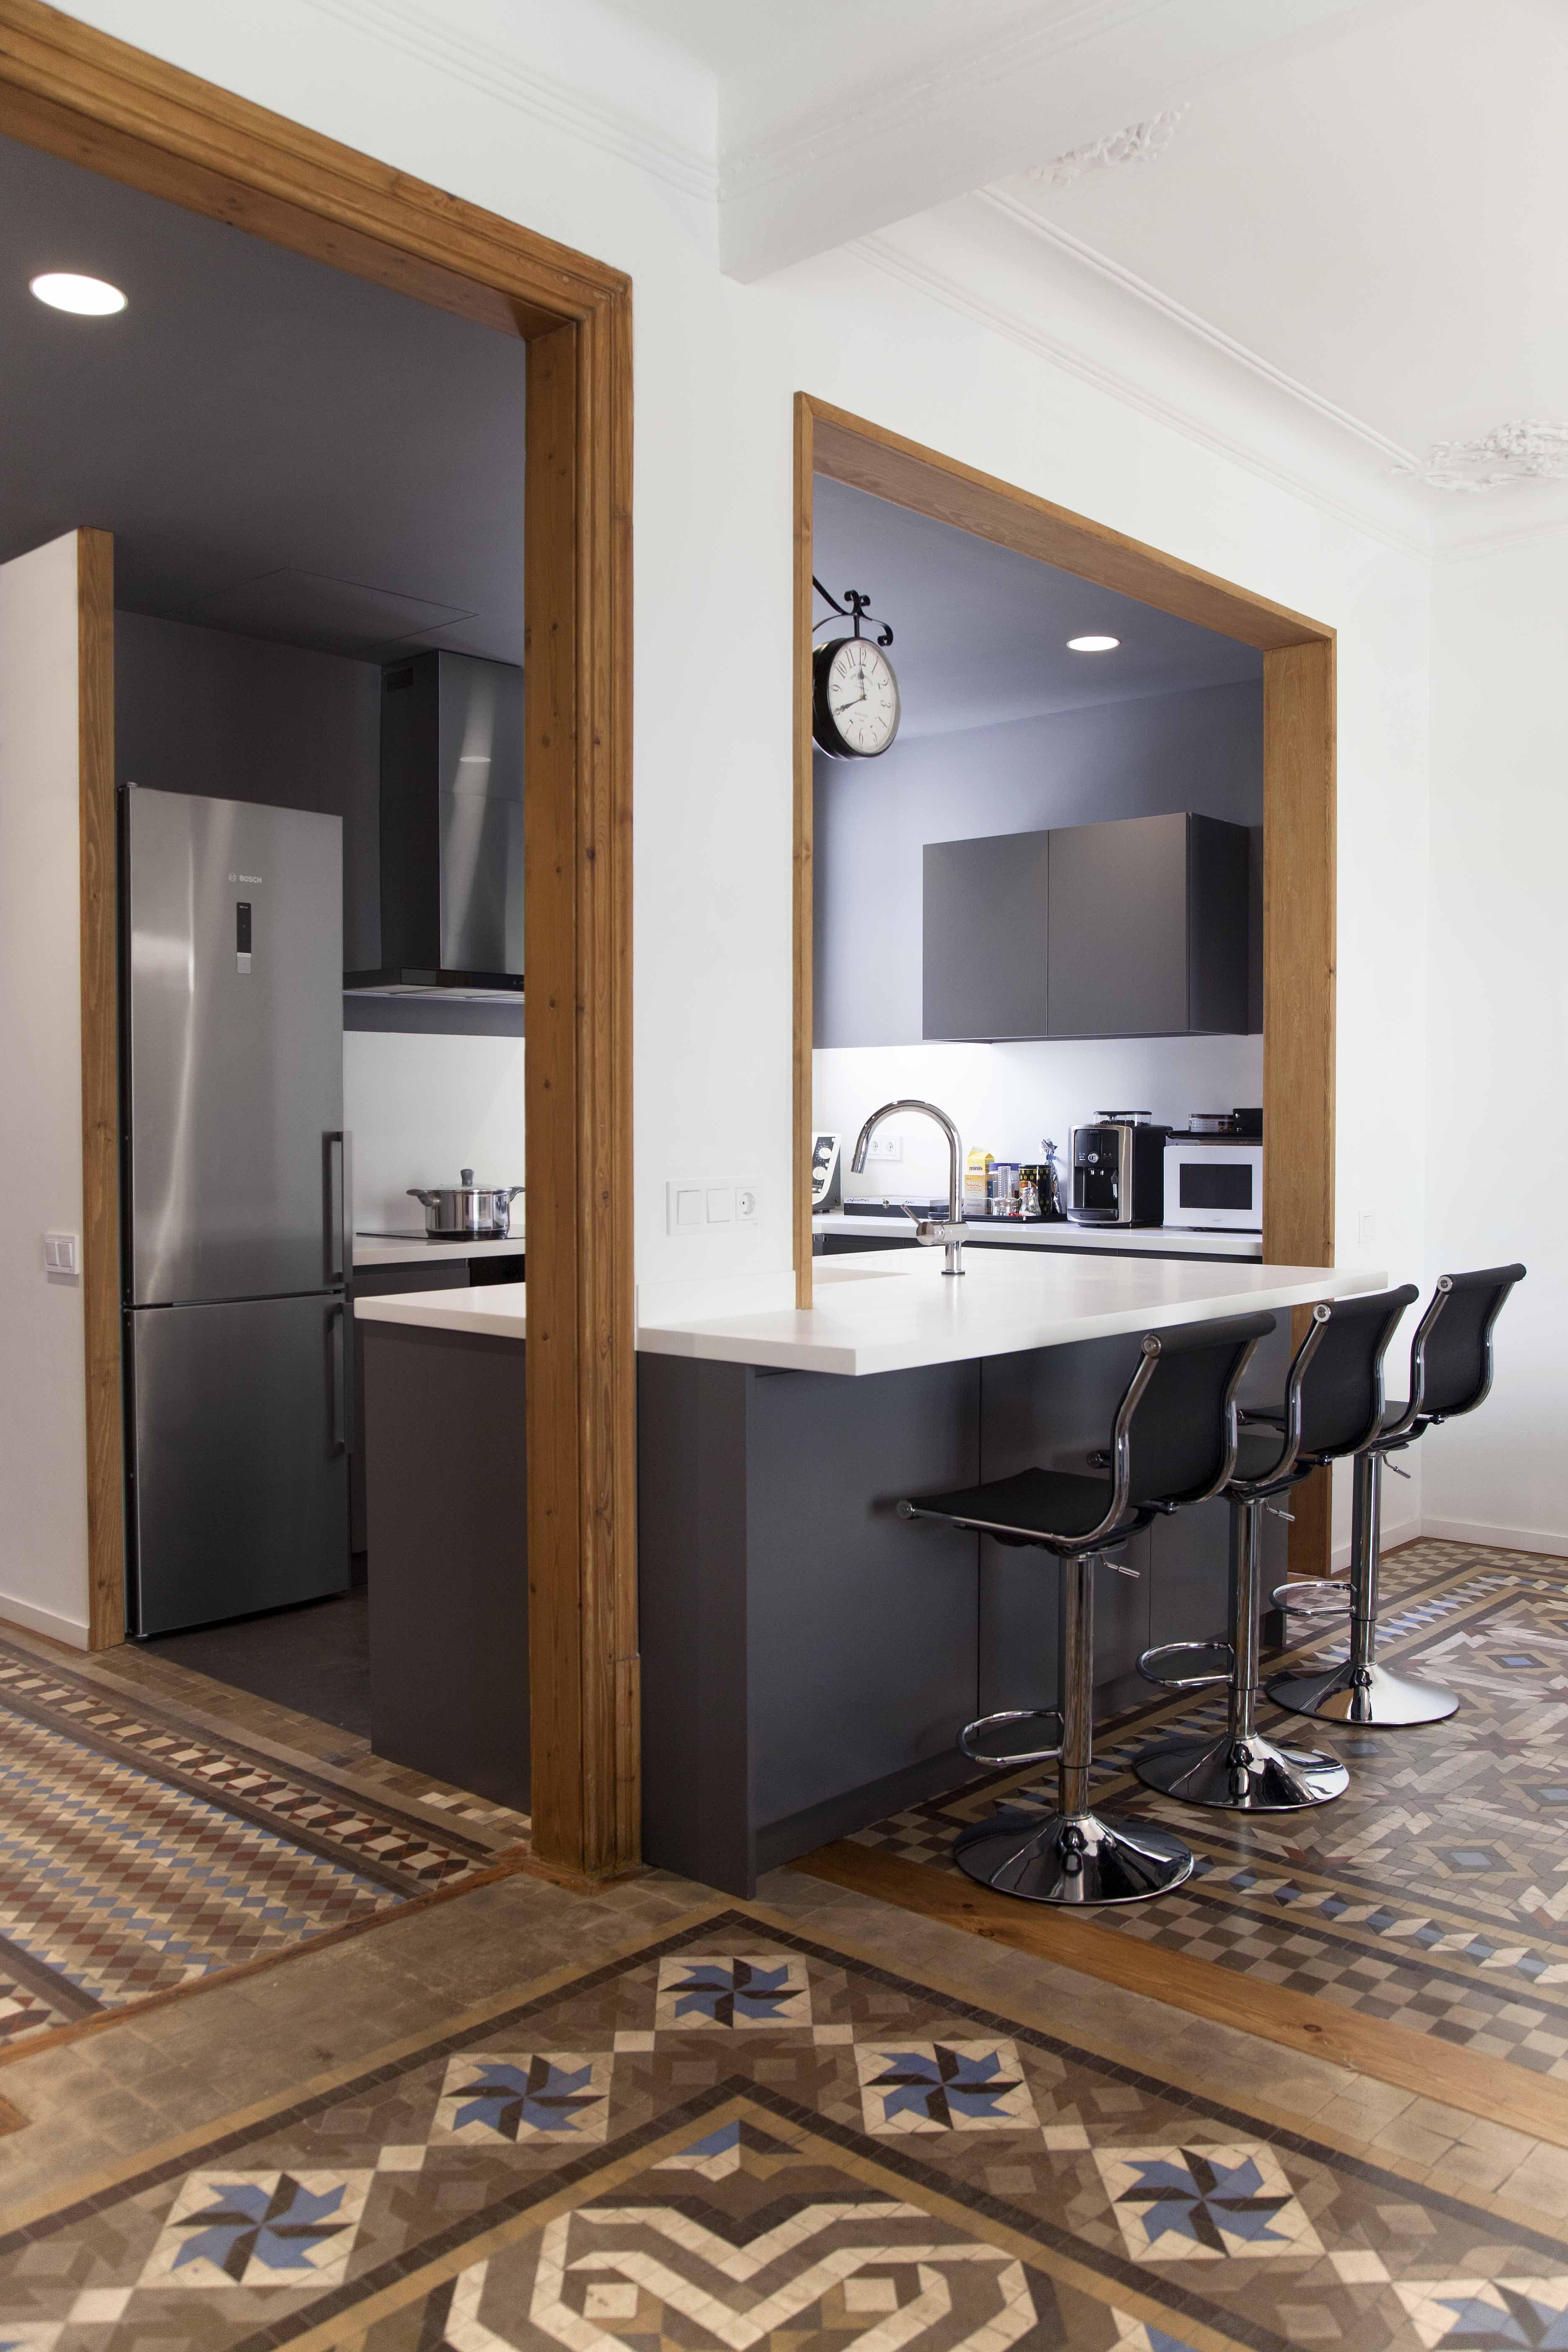 Cocina #moderno #decoracion via @planreforma #muebles de exterior ...